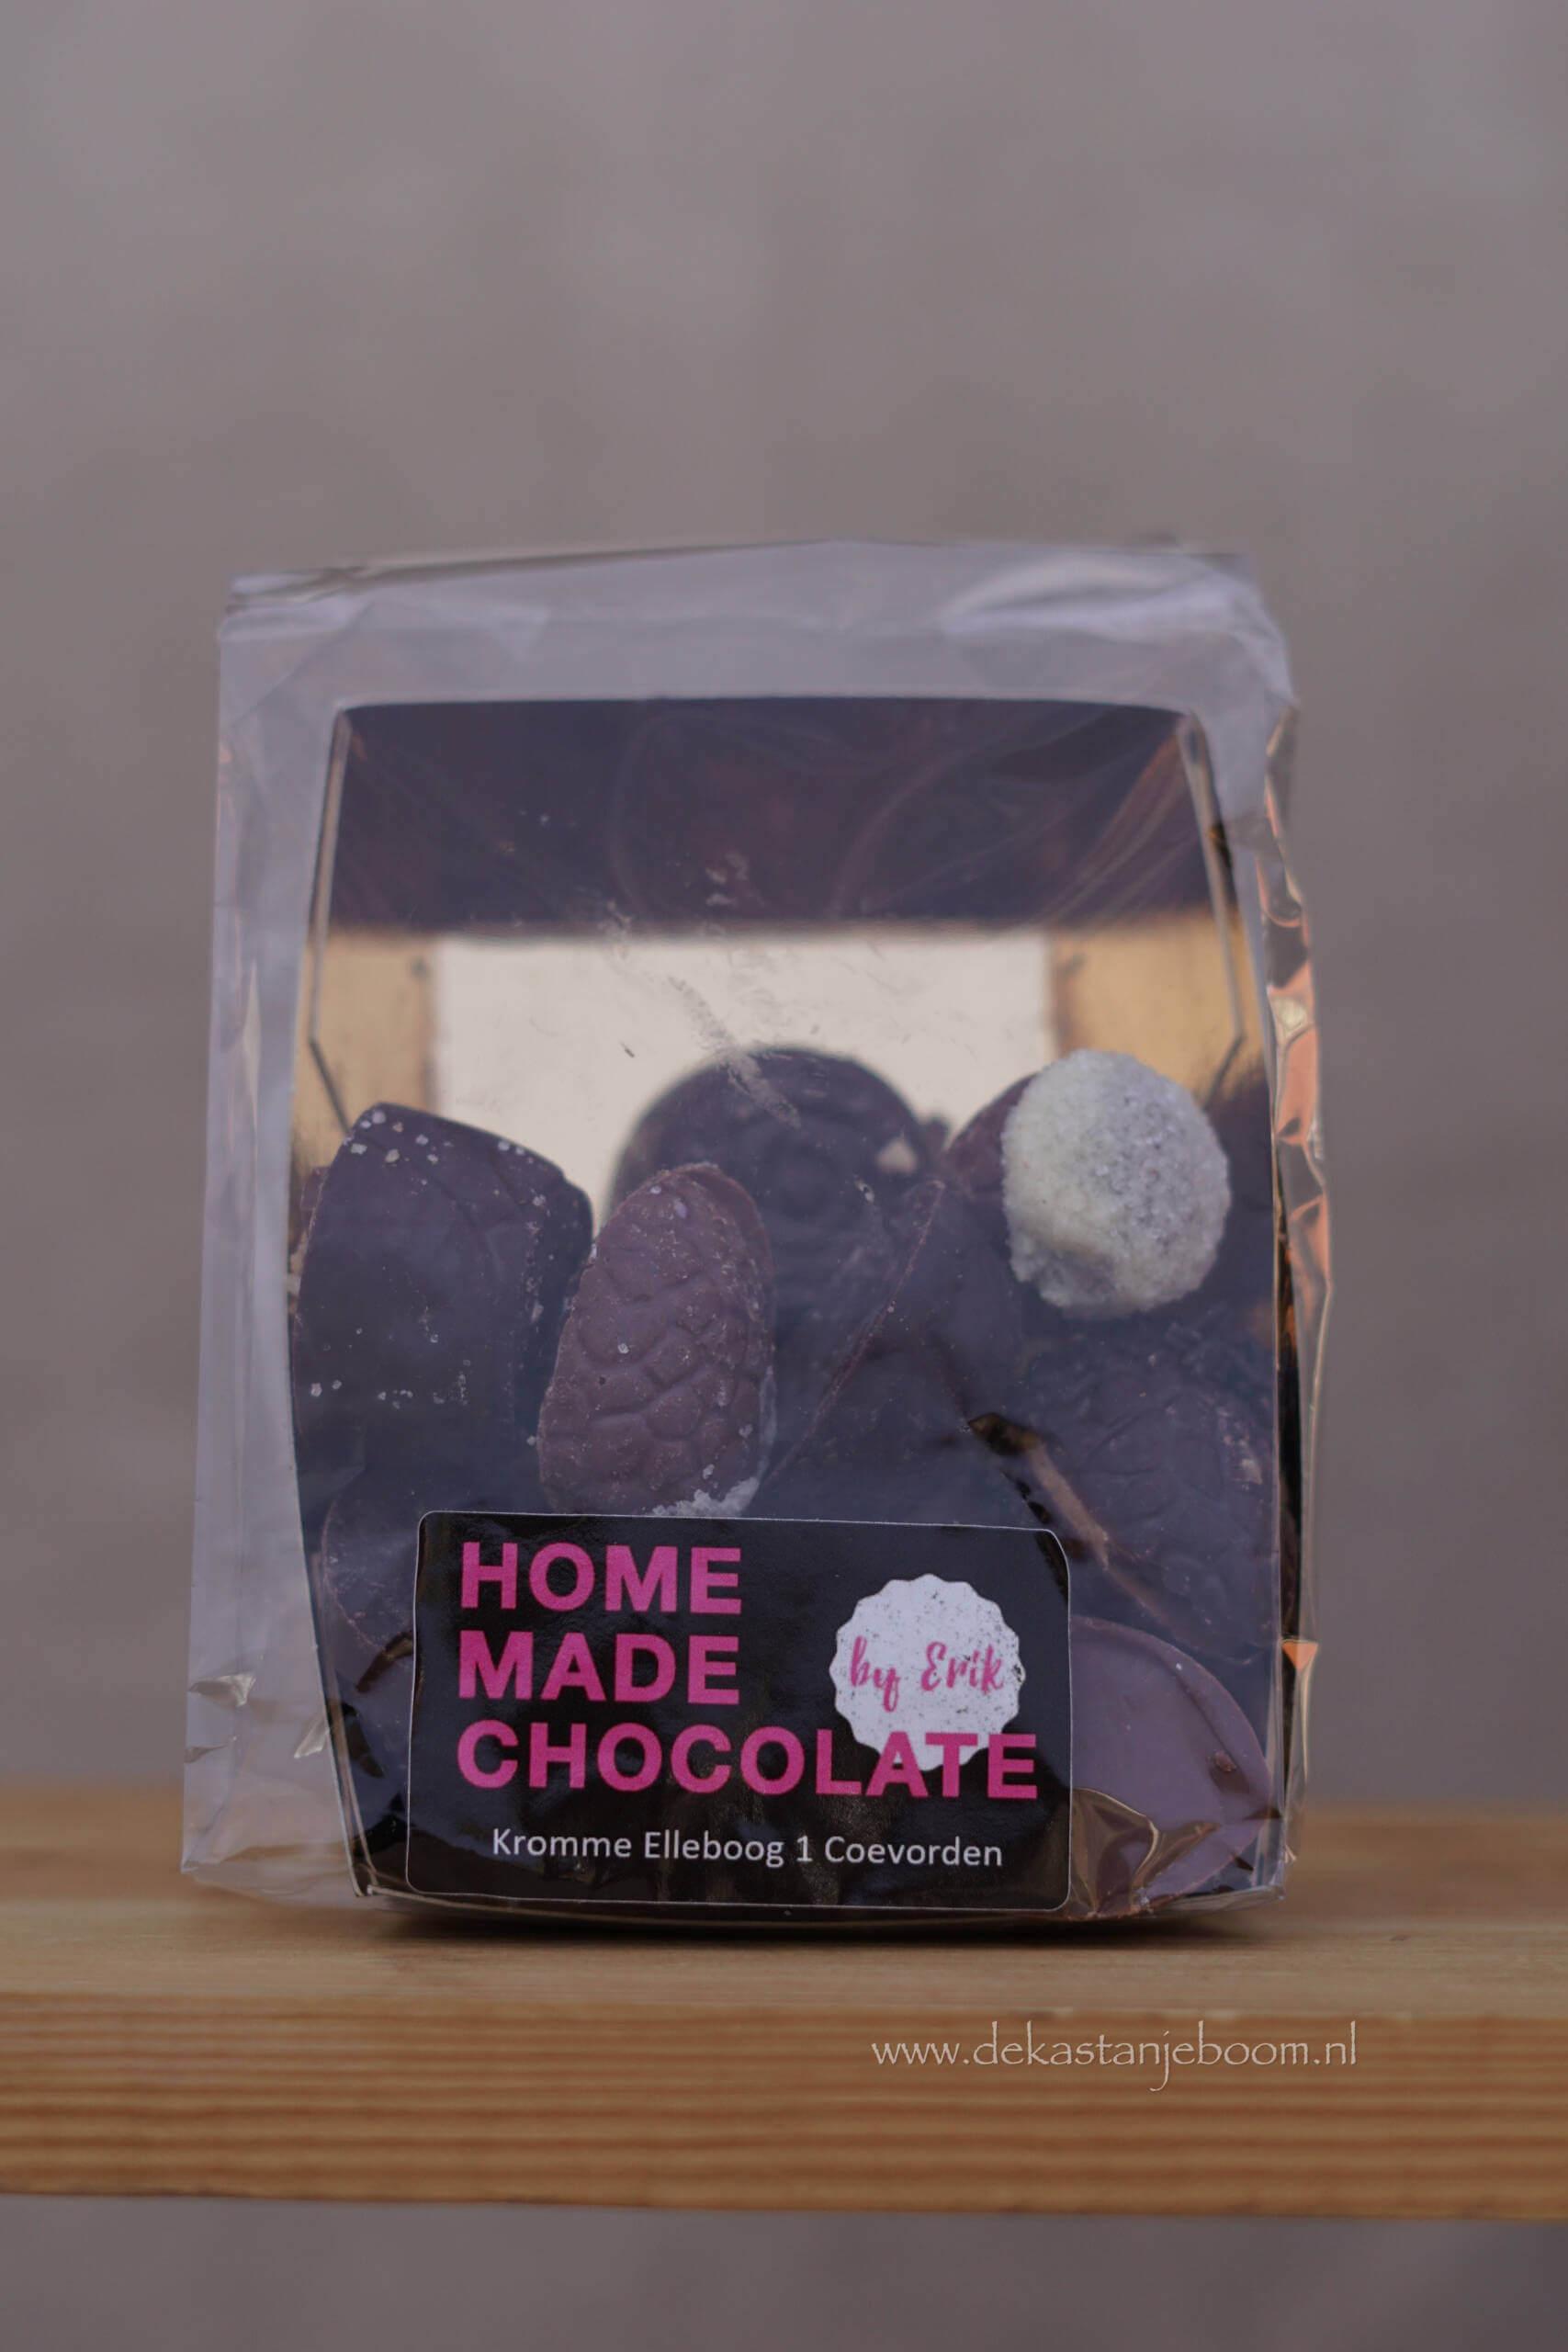 Home made chocolade